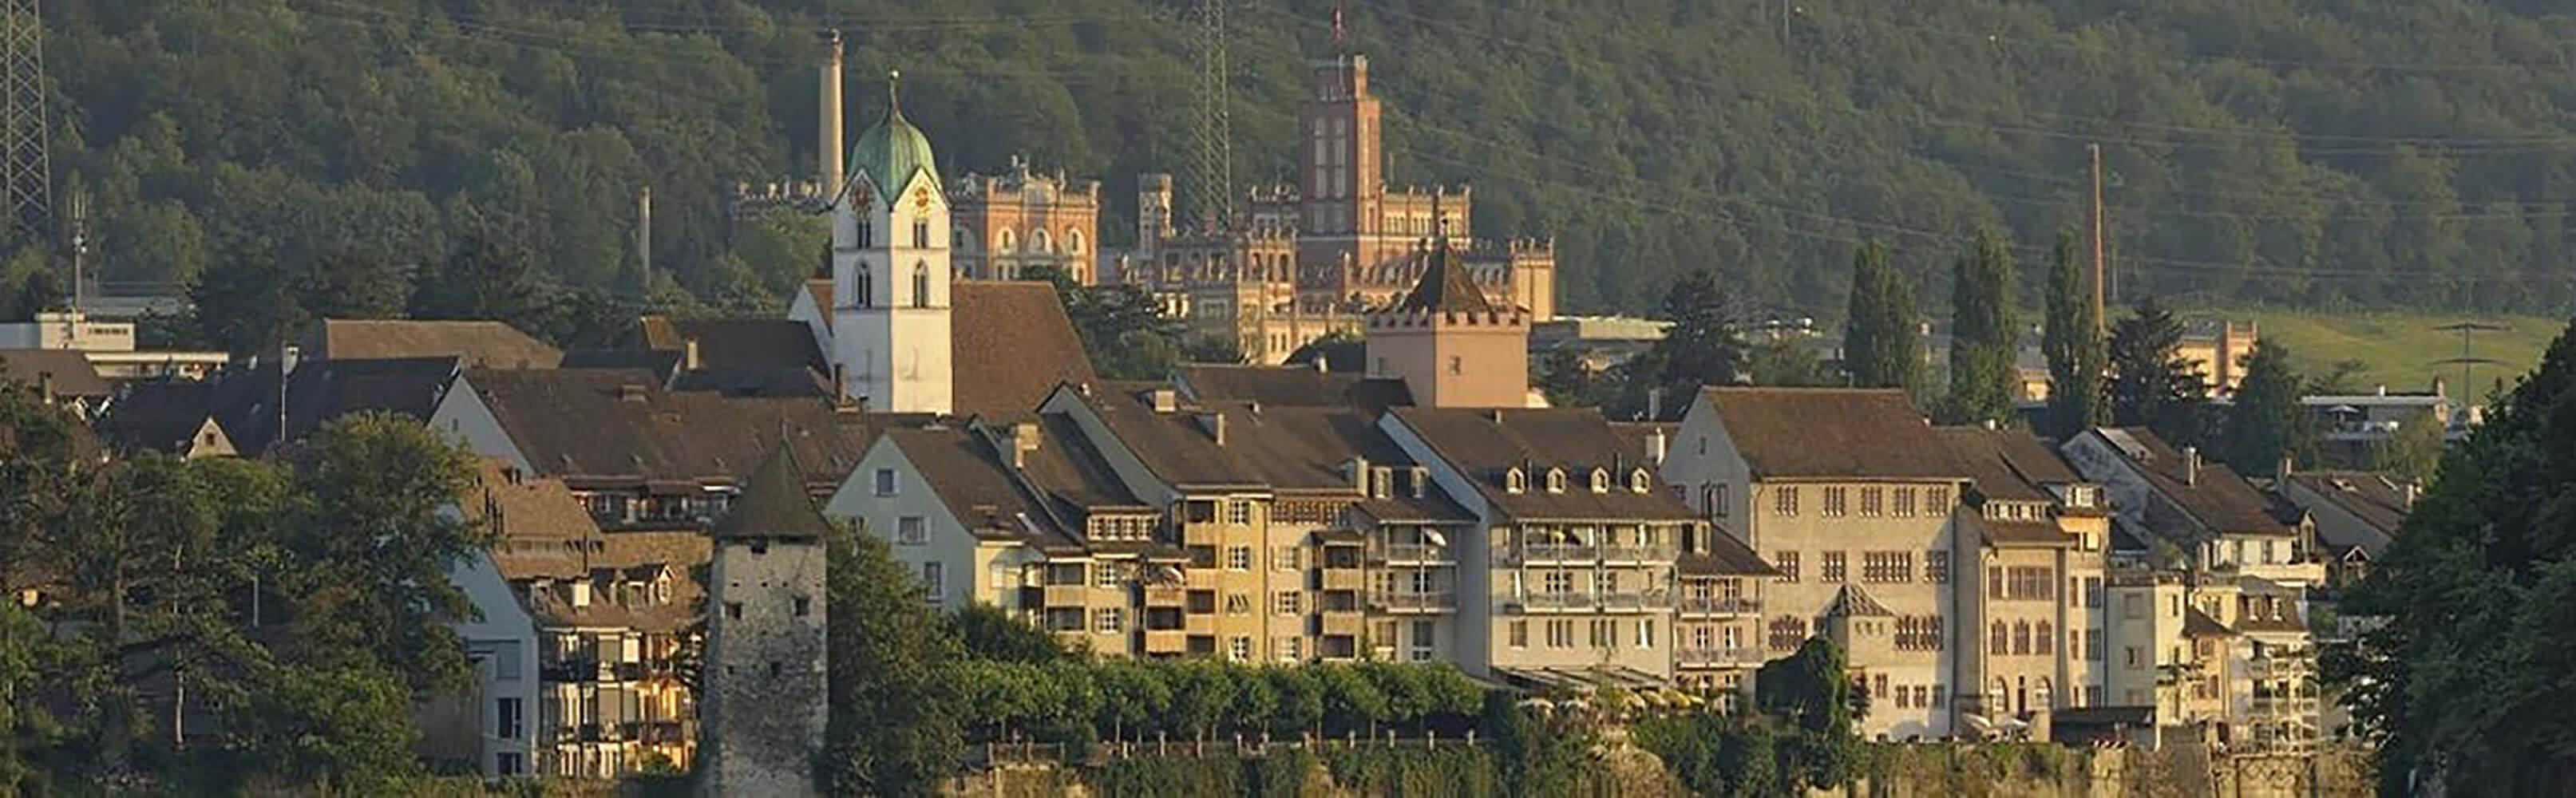 Rheinfelden - Erlebnisse mit der Familie, mit Freunden oder dem Verein 1